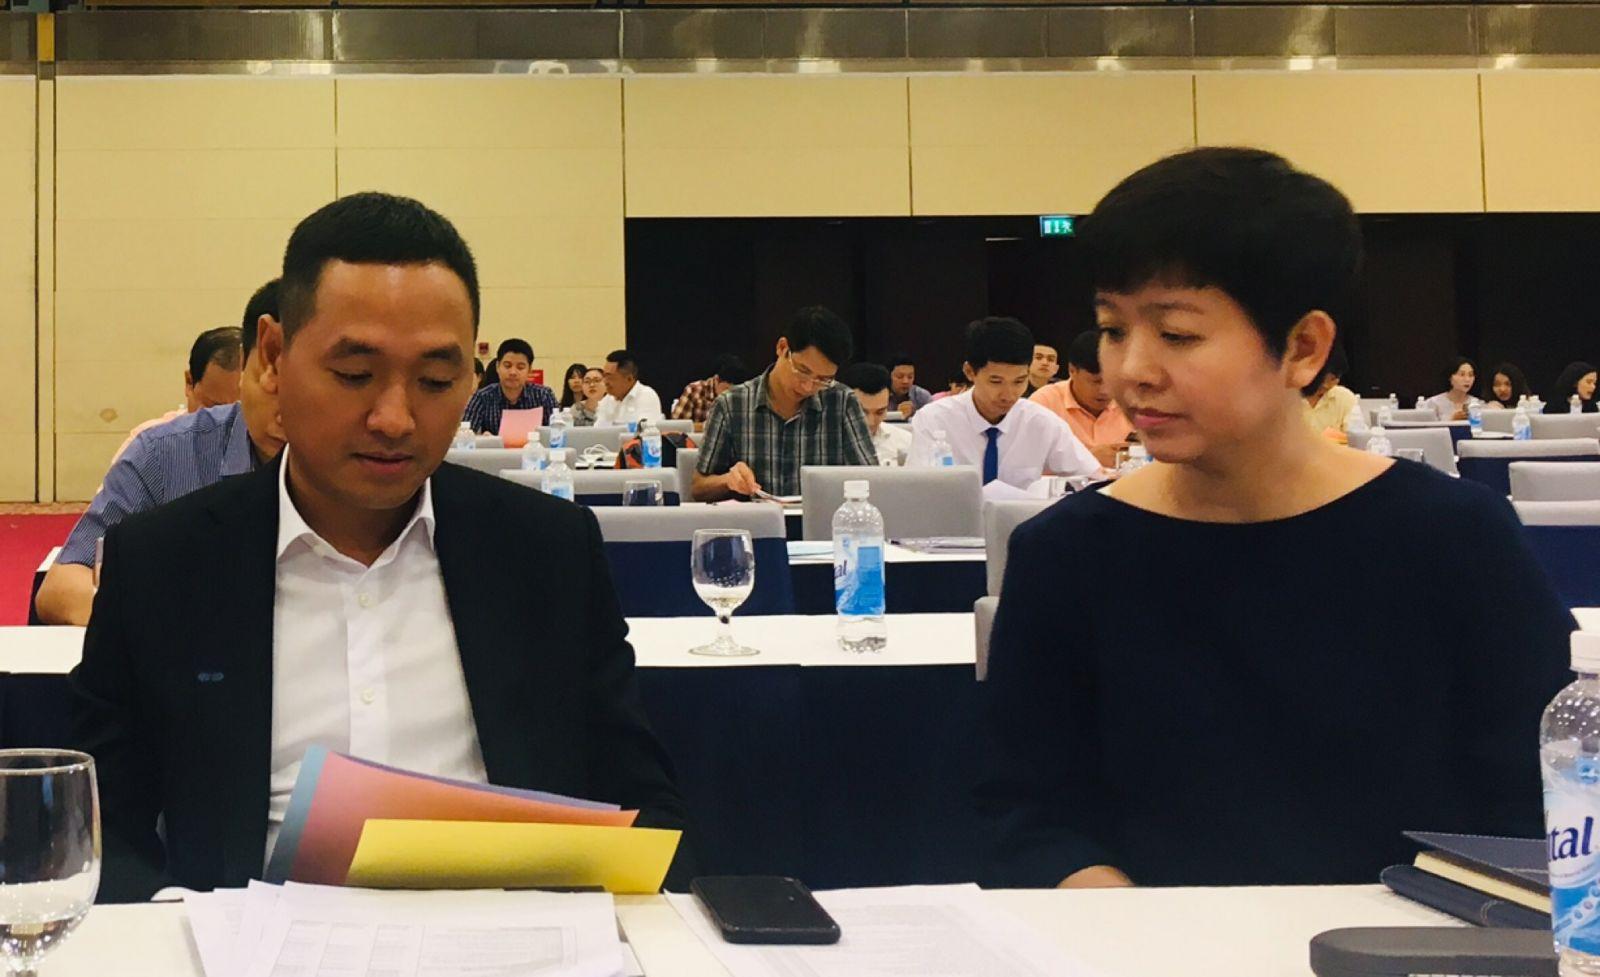 Ông Nguyễn Văn Tuấn và bà Đỗ Thị Phương Lan - 2 ứng viên được nhóm Gelex đề cử vào HĐQT. Ảnh: Lê Hải.